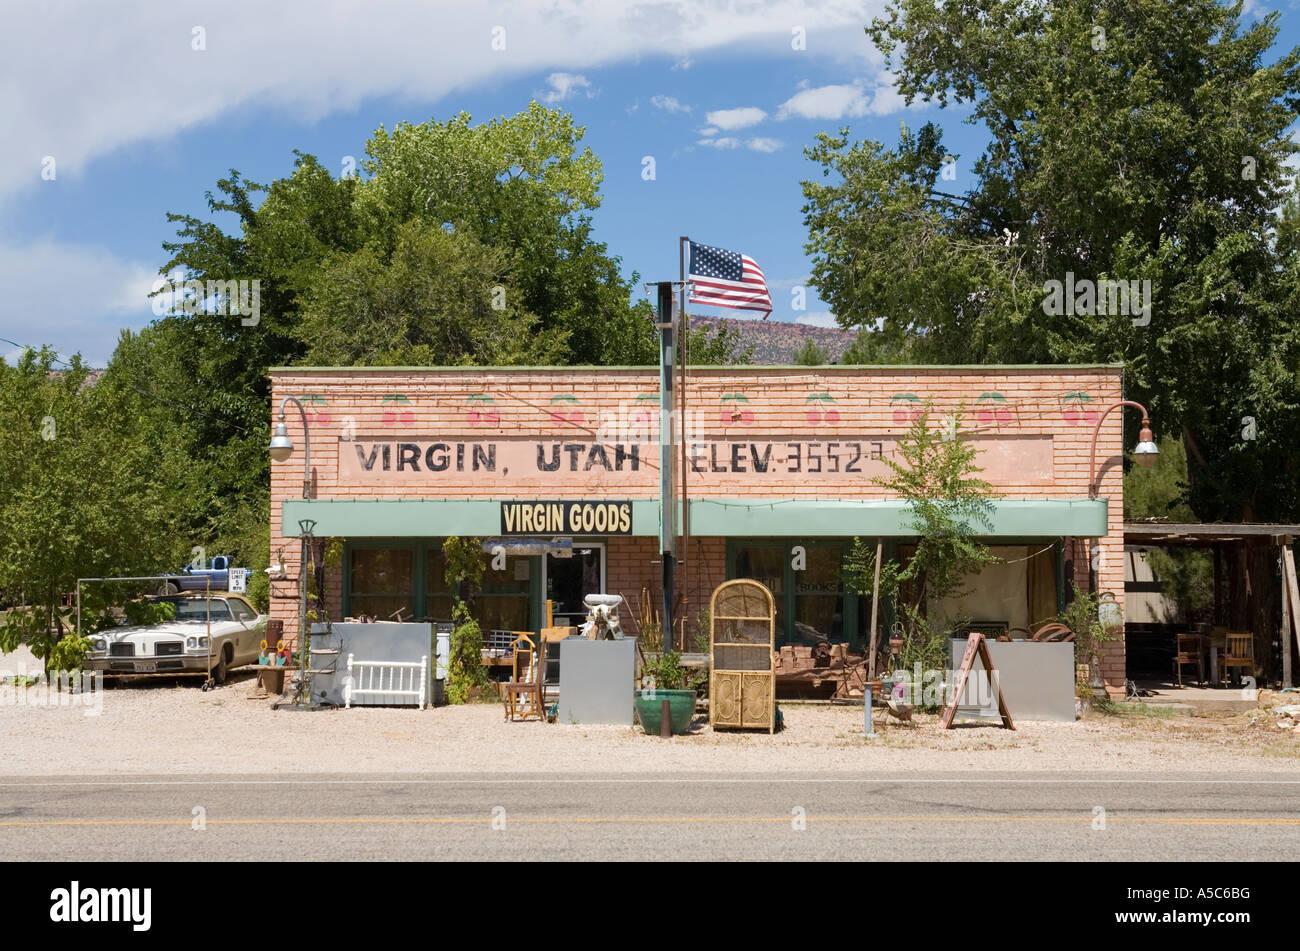 L'extérieur de l'immeuble d'un pays en magasin Virgin, Utah, USA Banque D'Images